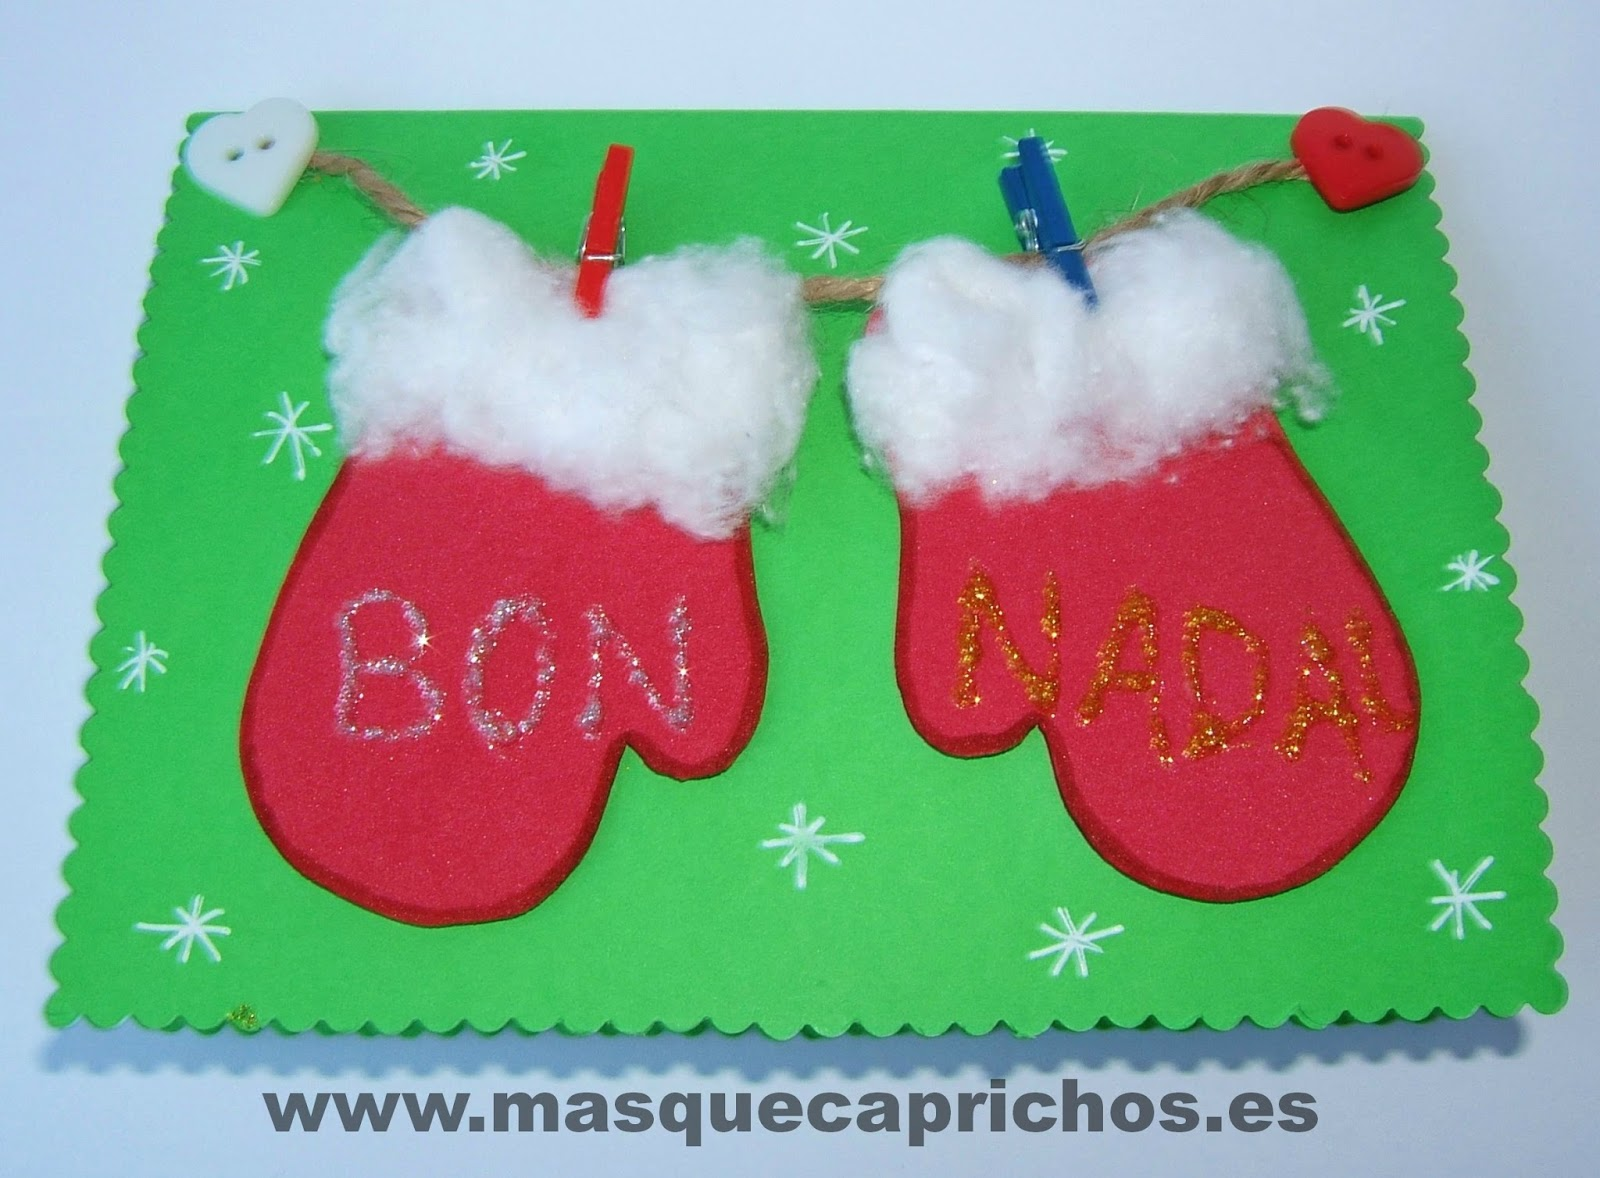 fd5c5250682 Especial Navidad